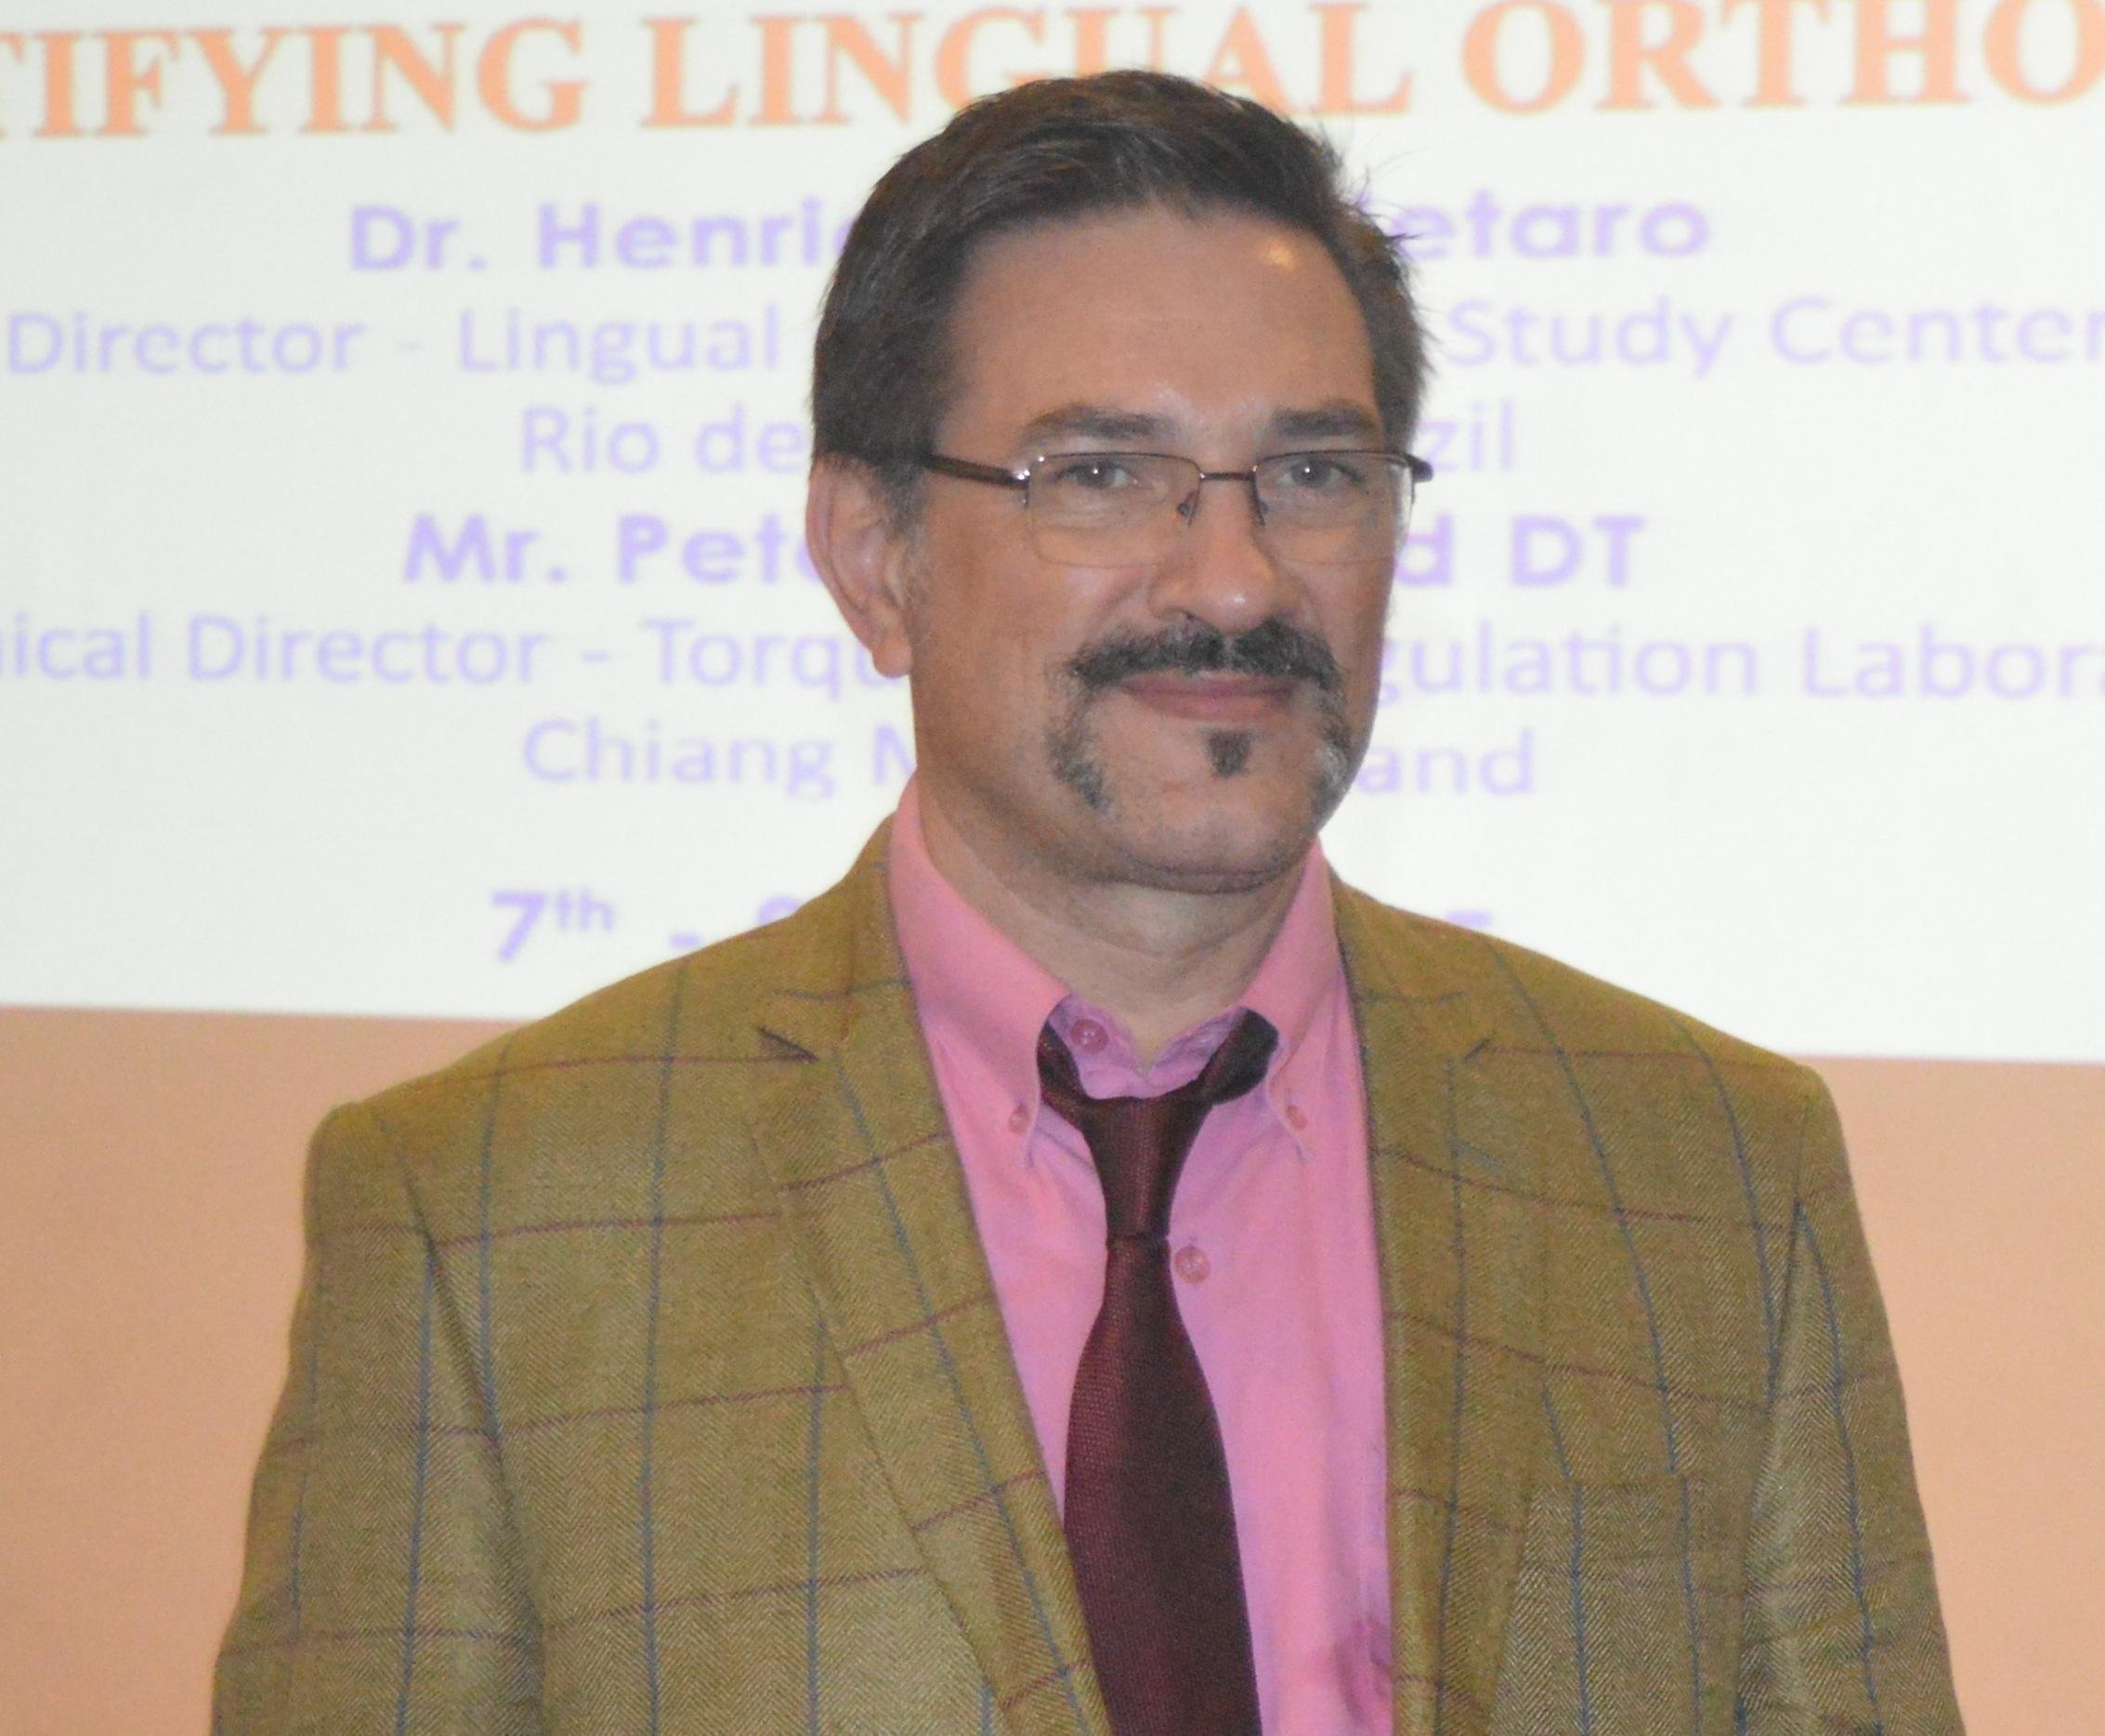 Peter D. Sheffield